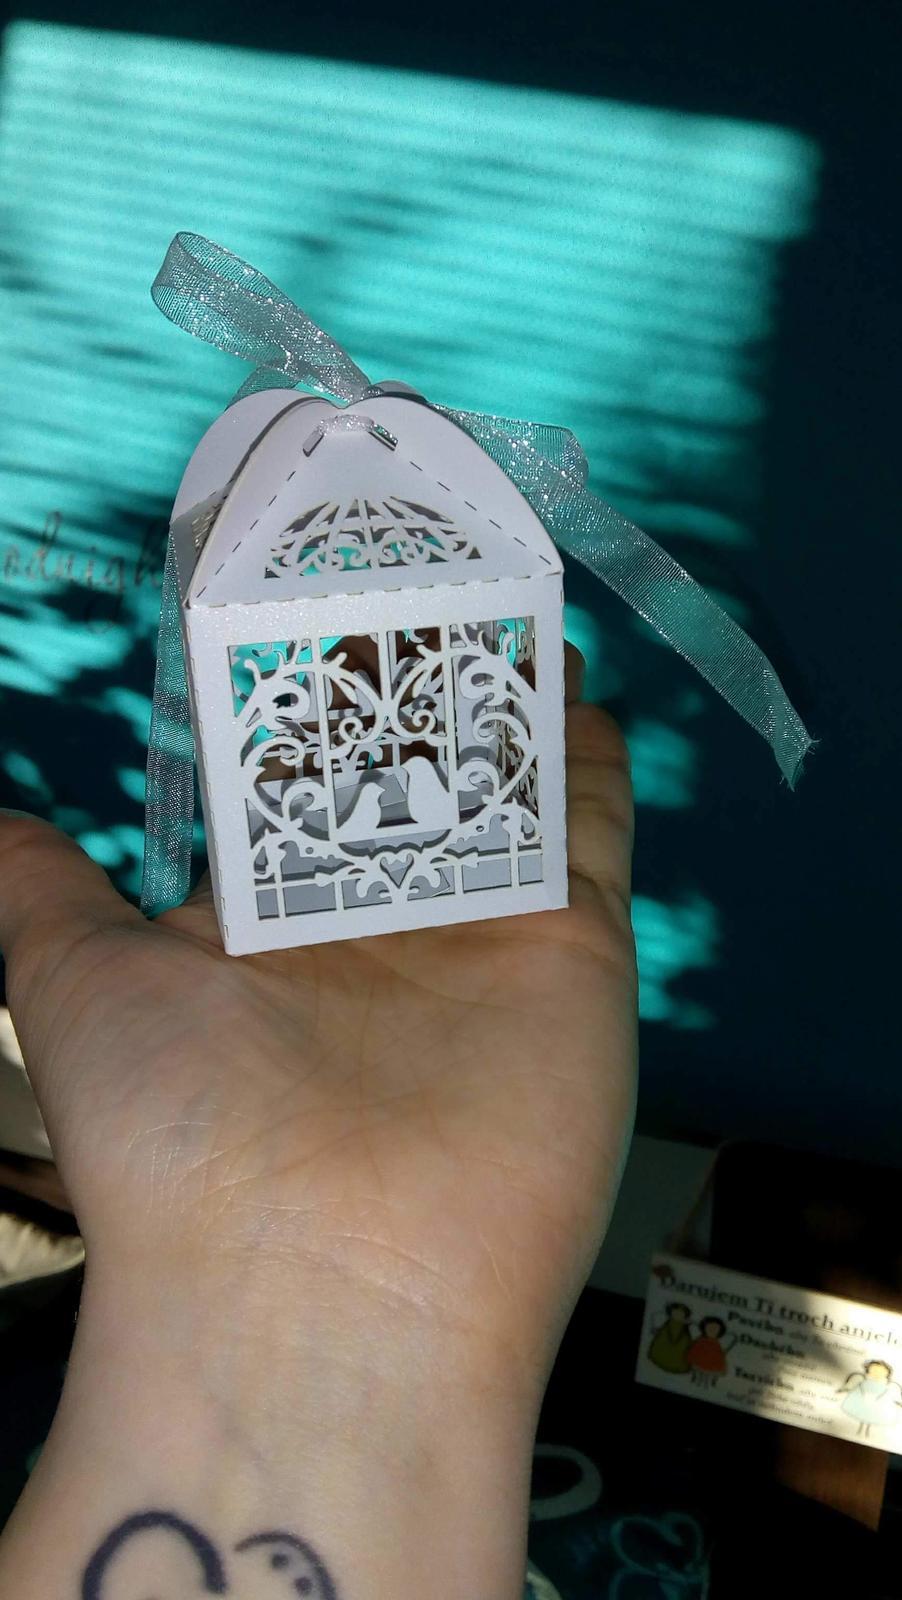 ❤️ tá naša vysnívaná ❤️ - Krabičky s darčekmi, vo vnútri sú voňavé čajové sviečky